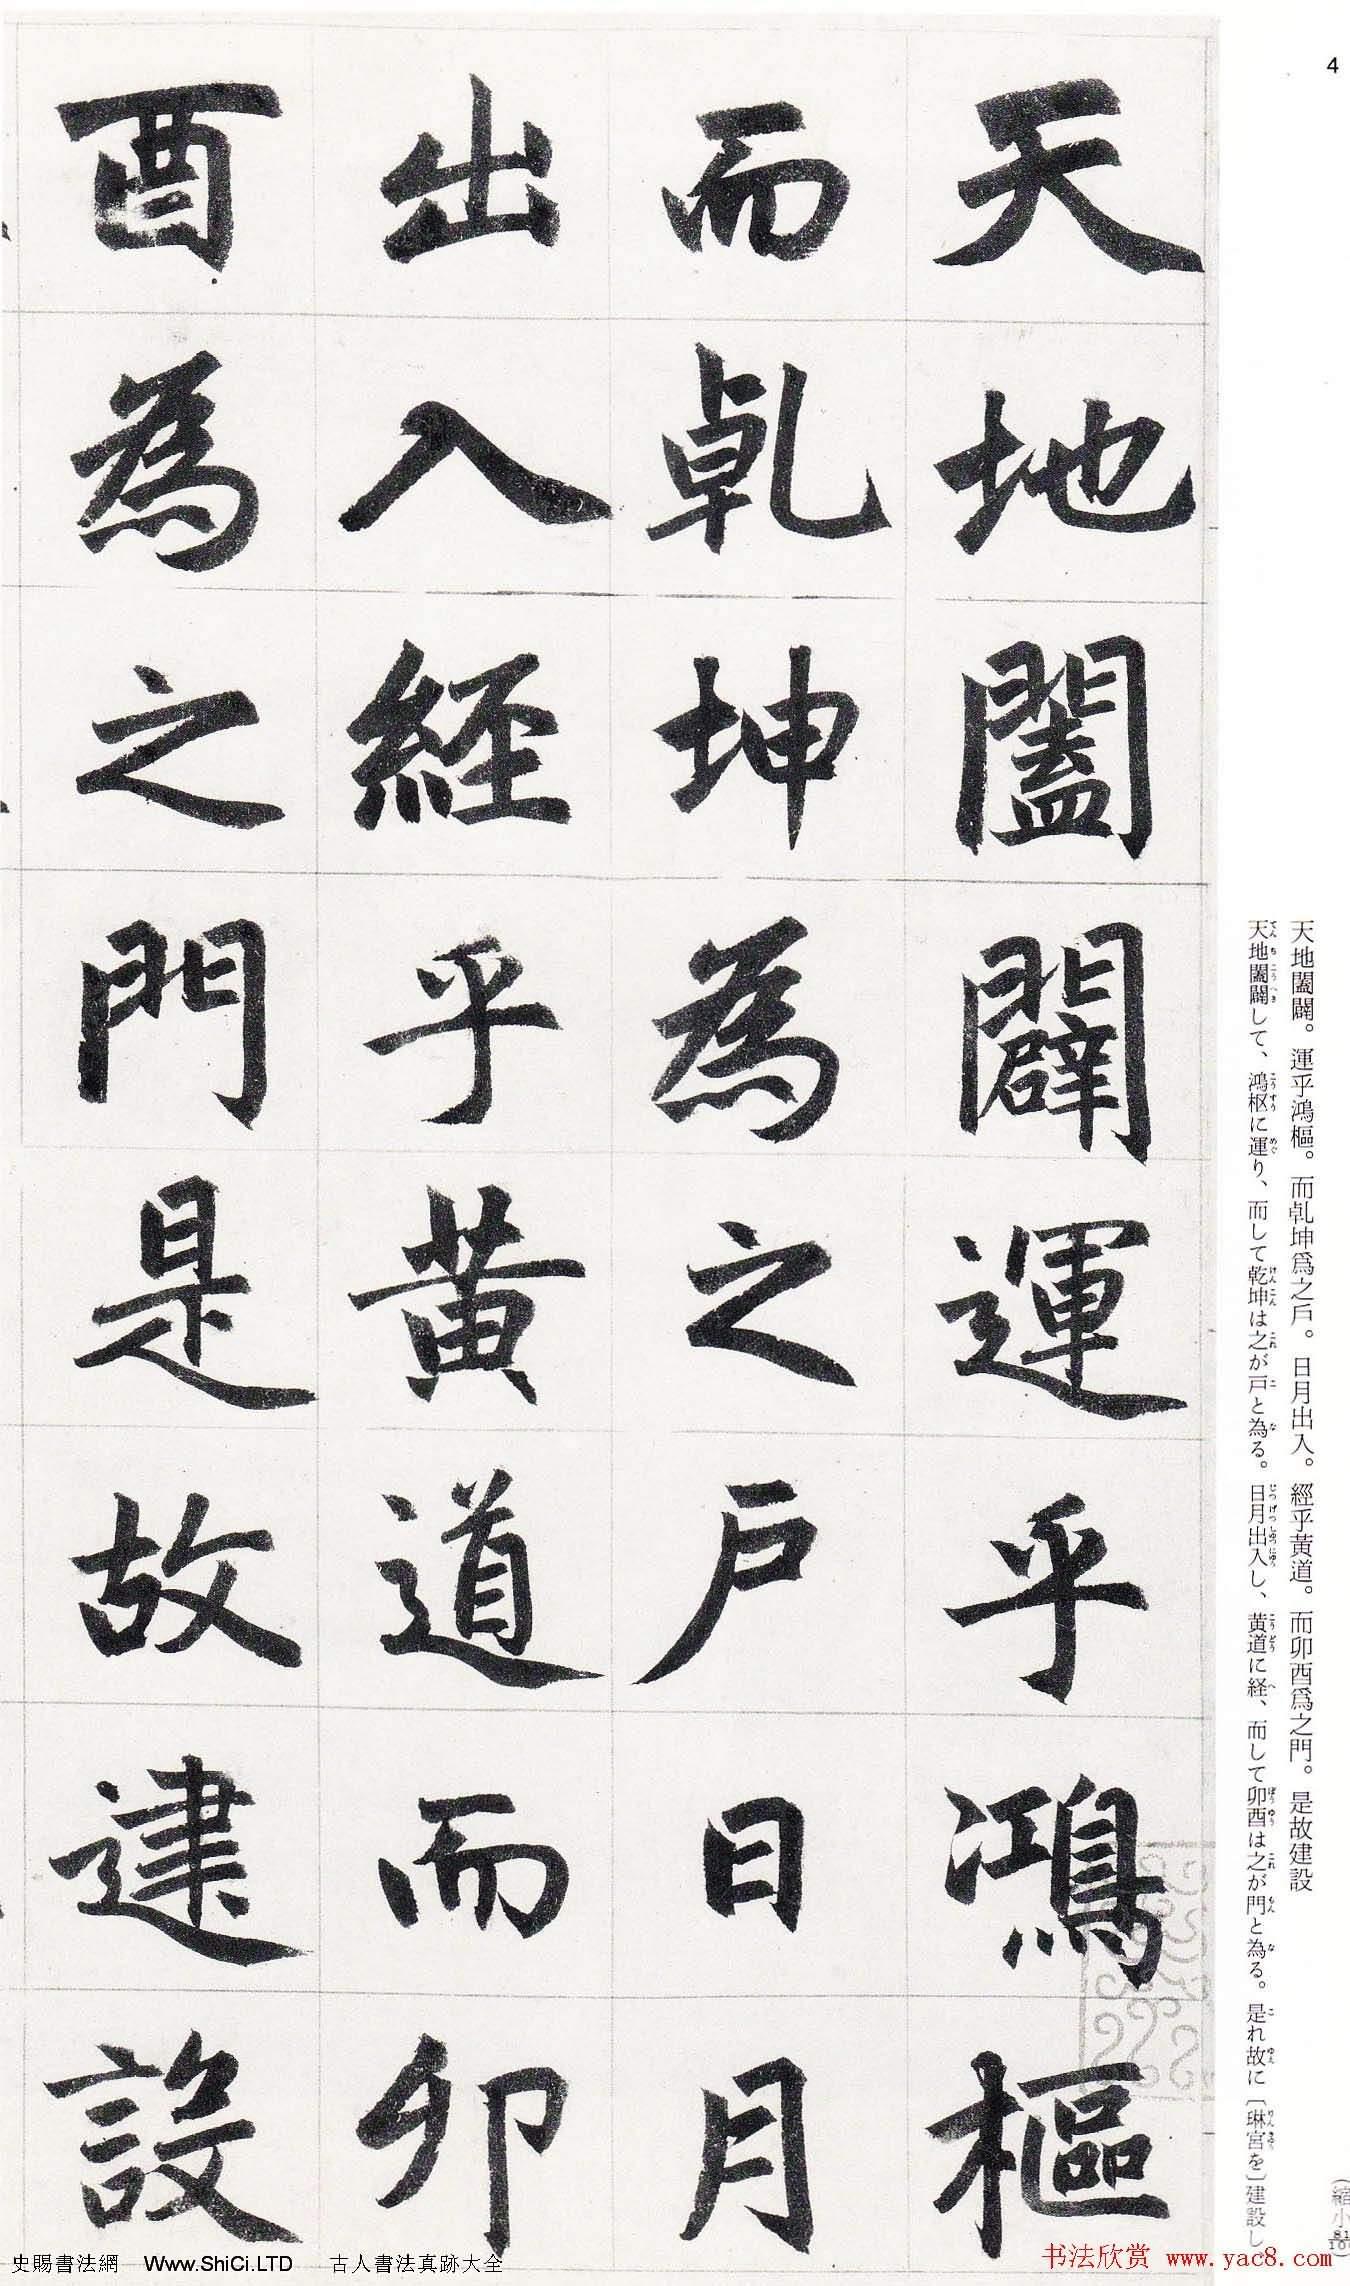 趙孟頫行楷書字帖《玄妙觀重修三門記》(共18張圖片)